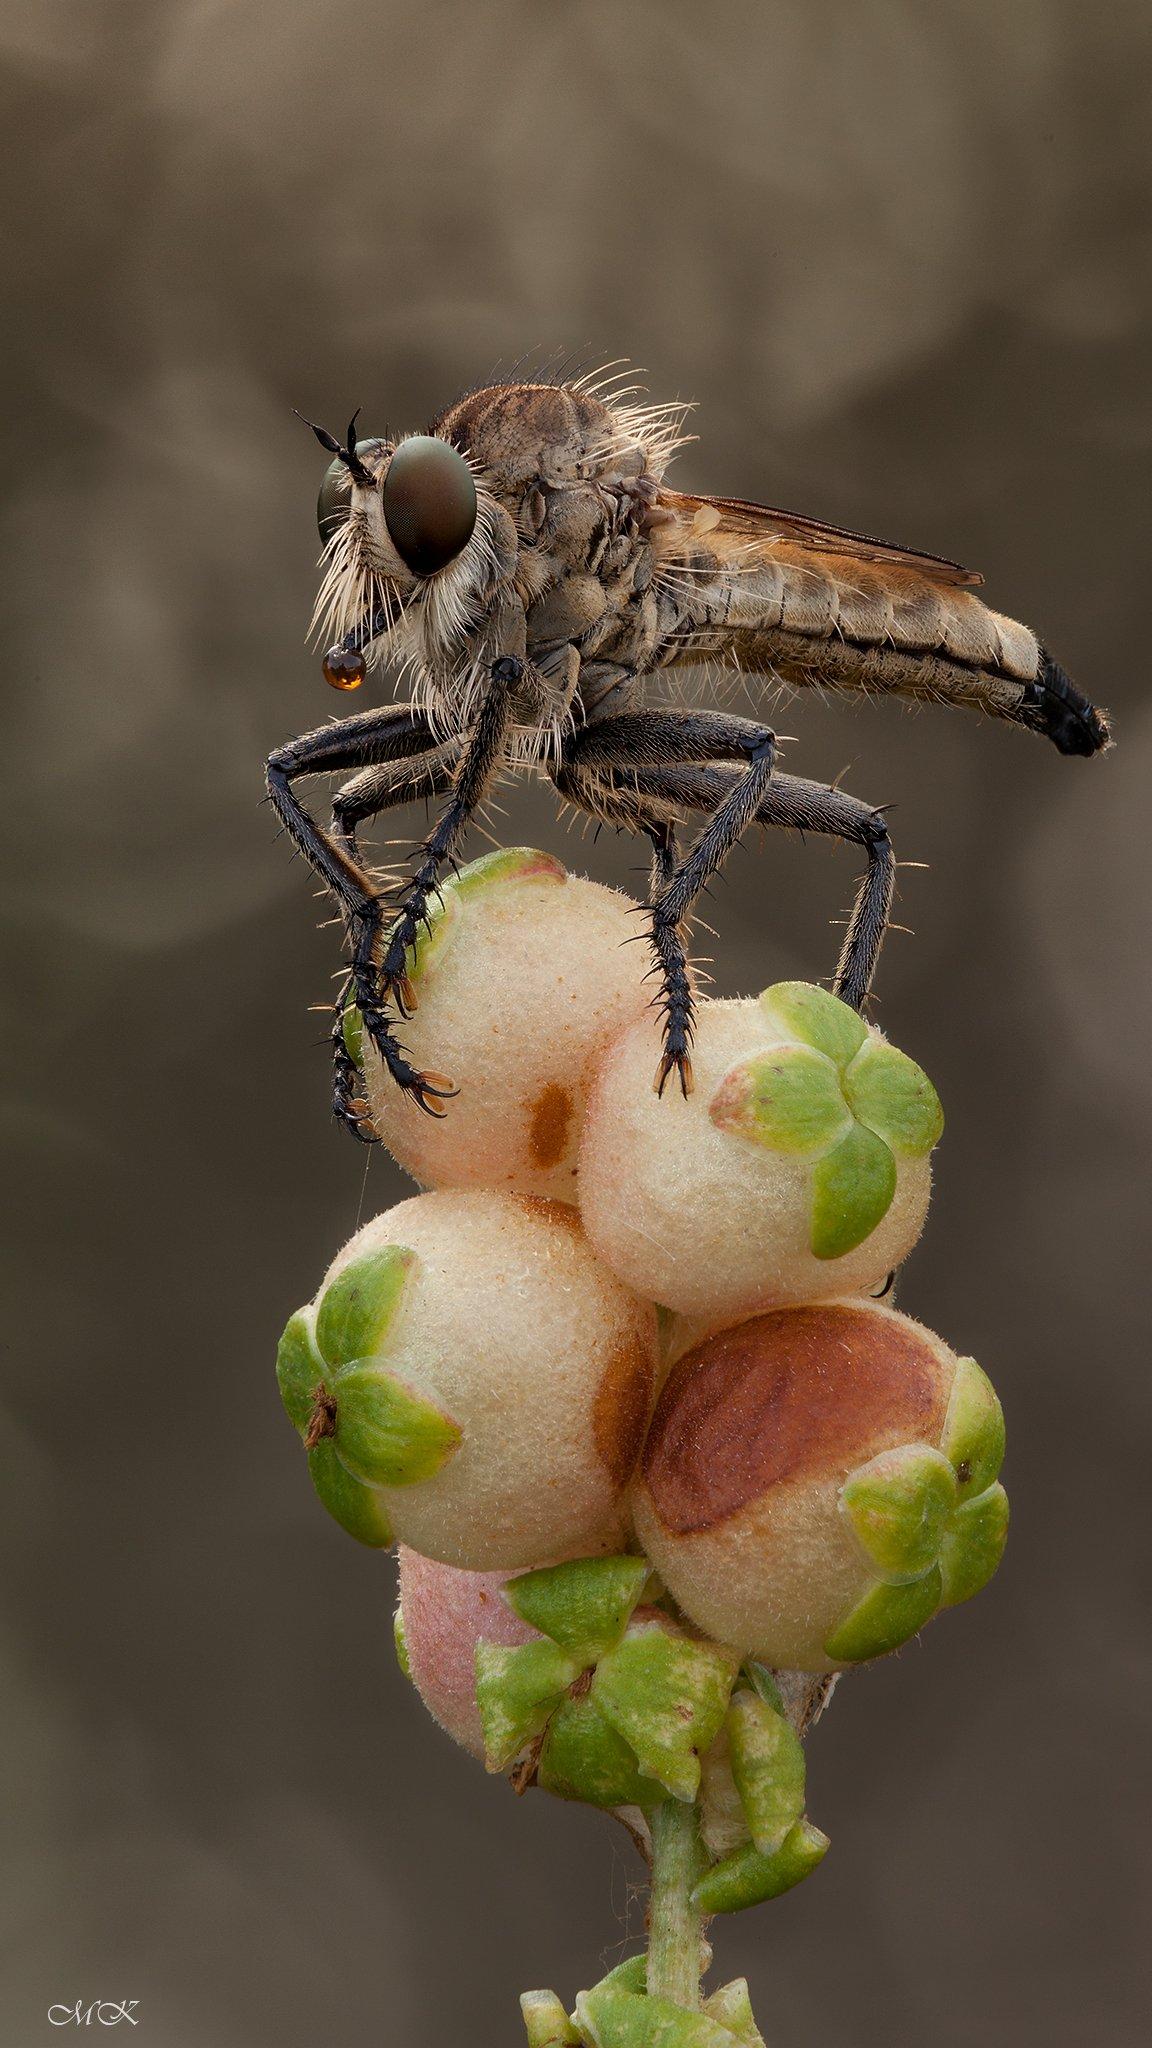 ктырь, asilidae, robber fly, Miron Karlinsky